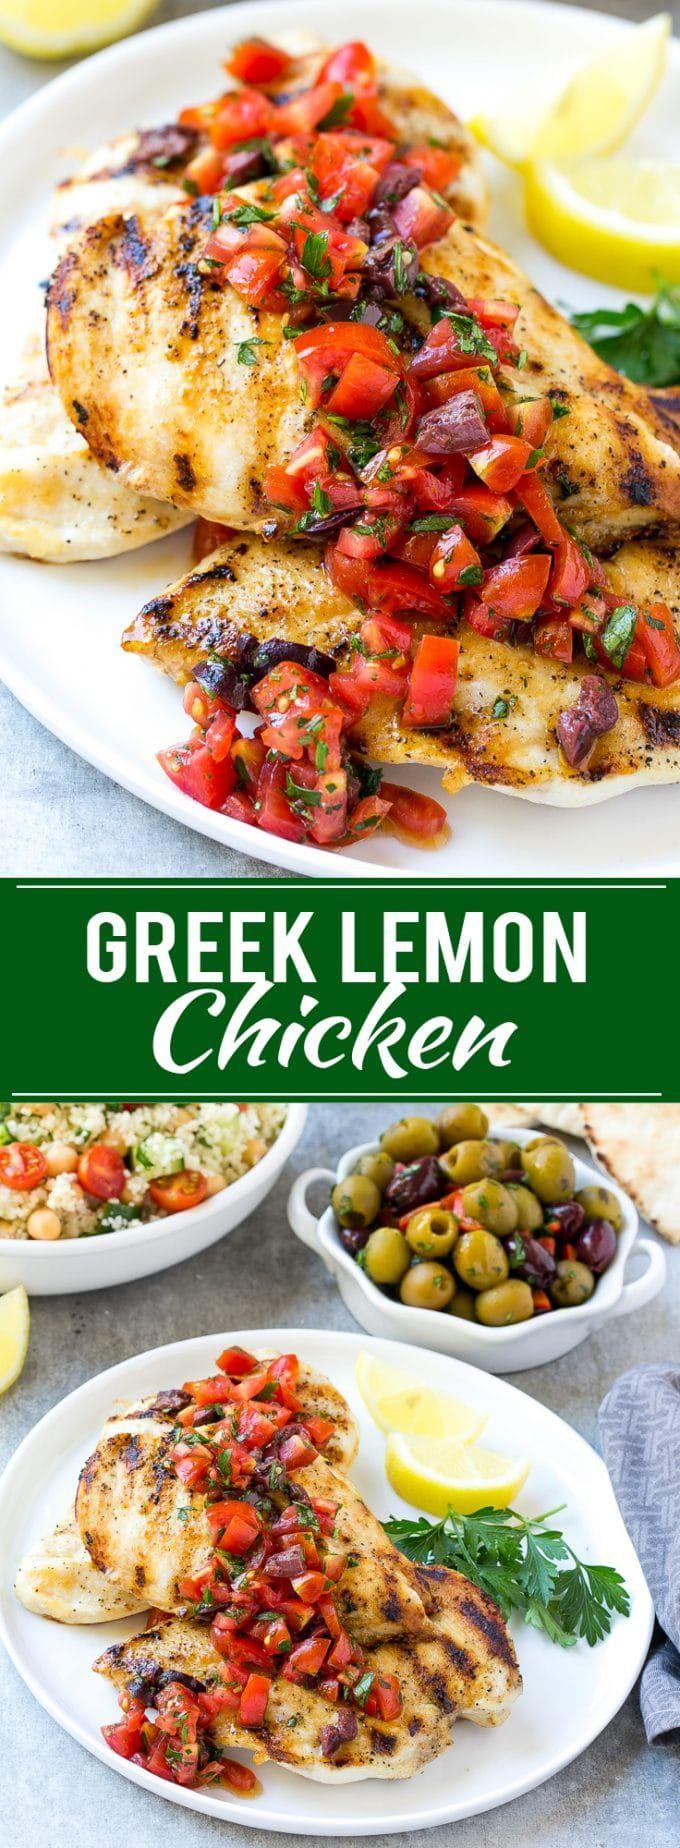 Greek Lemon Chicken Recipe | Lemon Chicken | Greek Chicken | Grilled Chicken | Healthy Chicken Reci